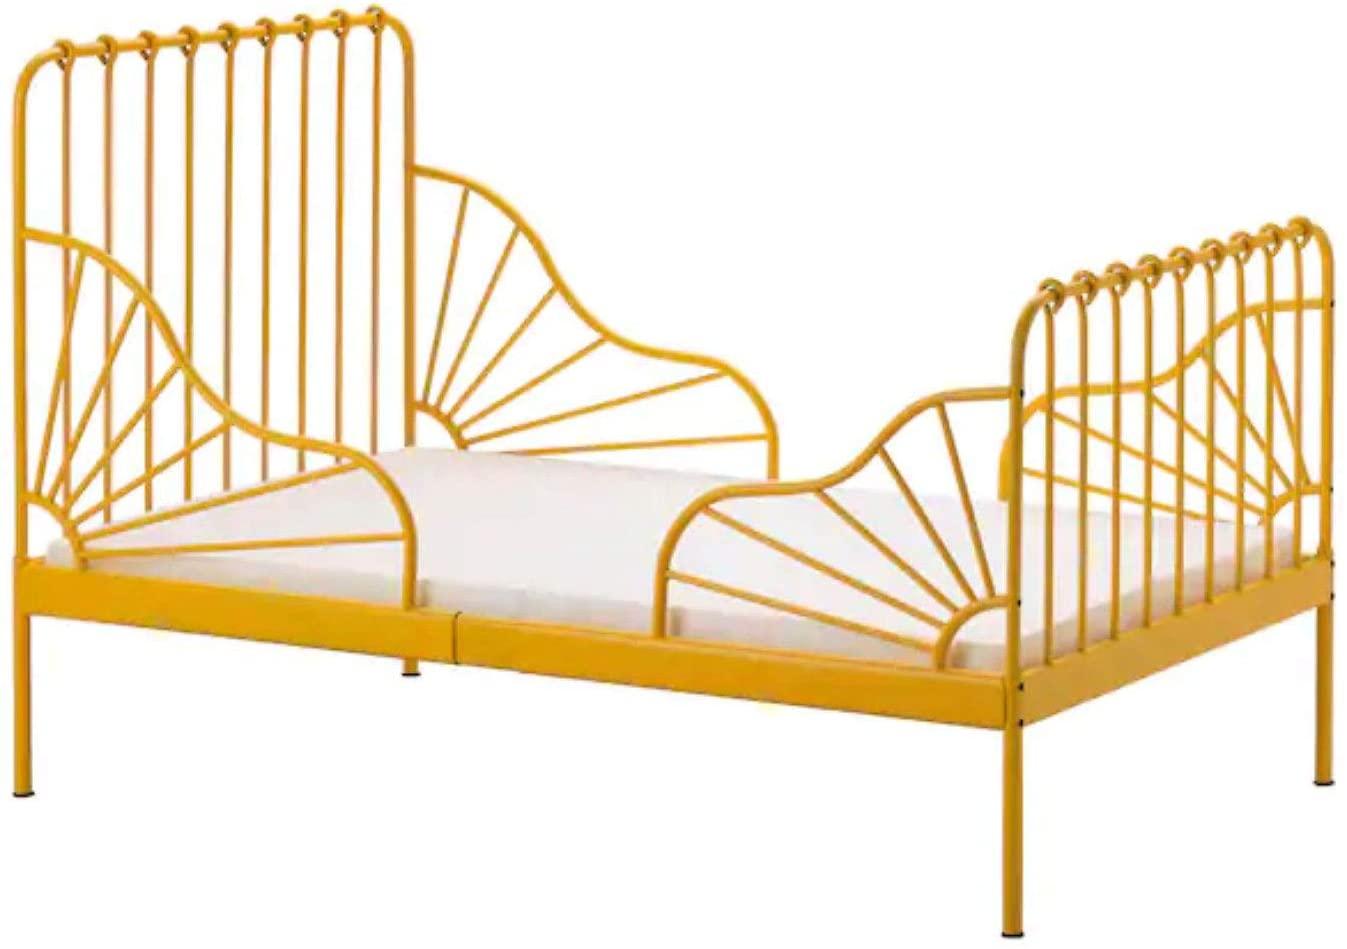 Full Size of Bett Mit Ausziehbett Ikea Webeingstore Minnen Bettgestell Bettkasten 160x200 Pantryküche Kühlschrank Bambus Sofa Schlaffunktion Kopfteil Selber Bauen Betten Wohnzimmer Bett Mit Ausziehbett Ikea